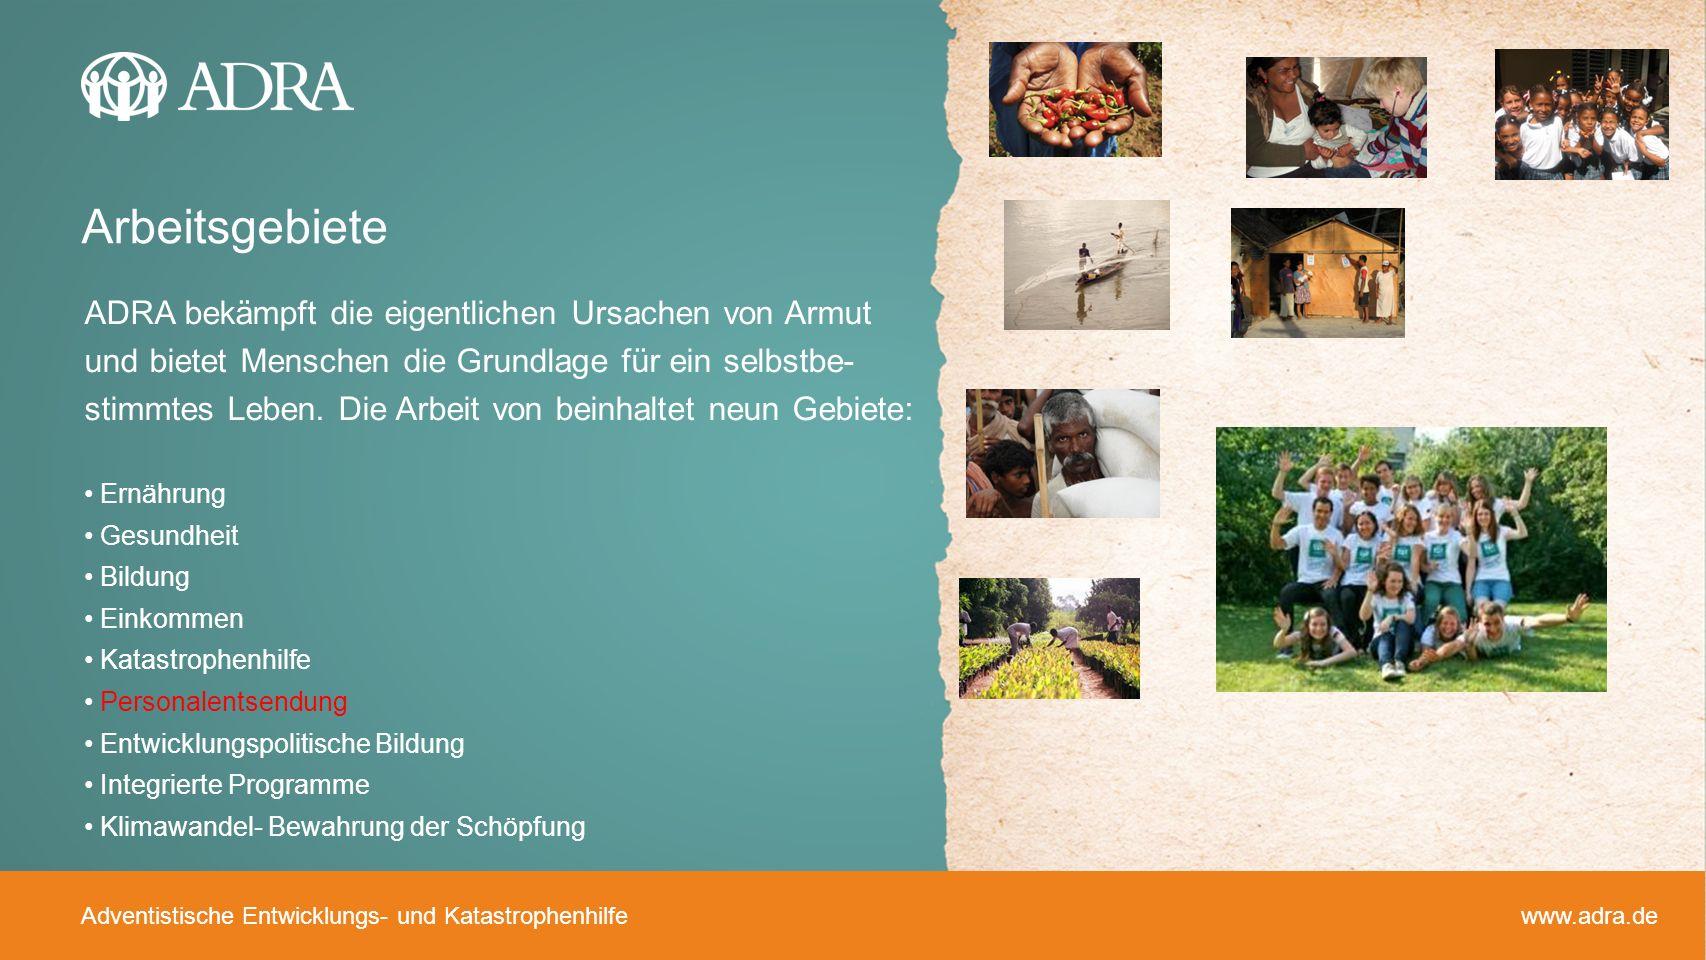 Adventistische Entwicklungs- und Katastrophenhilfe www.adra.de ADRA bekämpft die eigentlichen Ursachen von Armut und bietet Menschen die Grundlage für